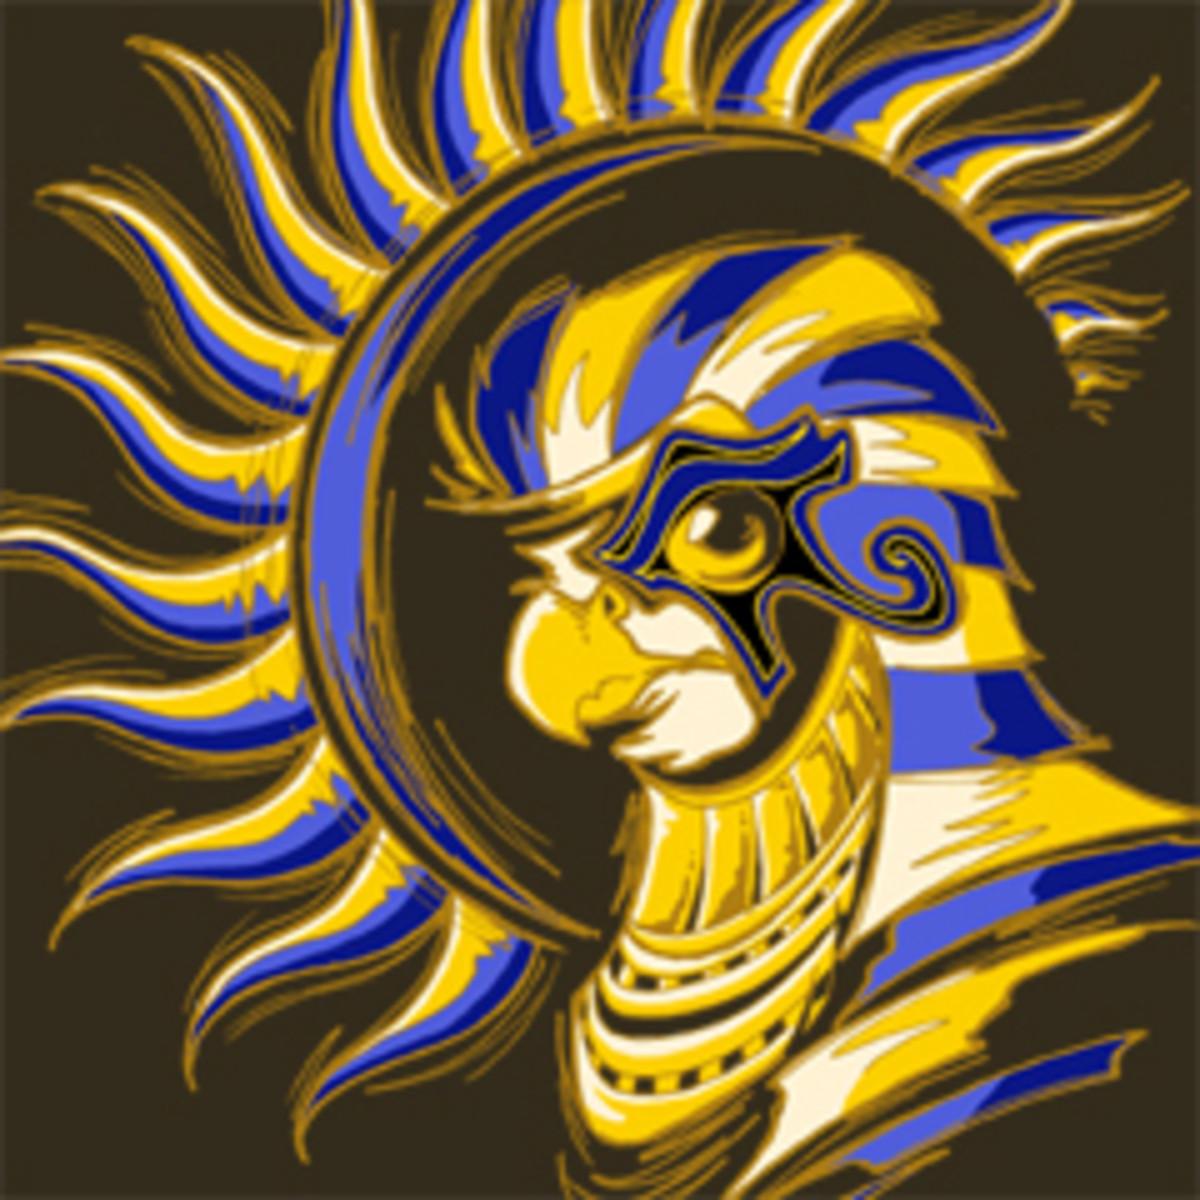 Egyptian Sun God, Re